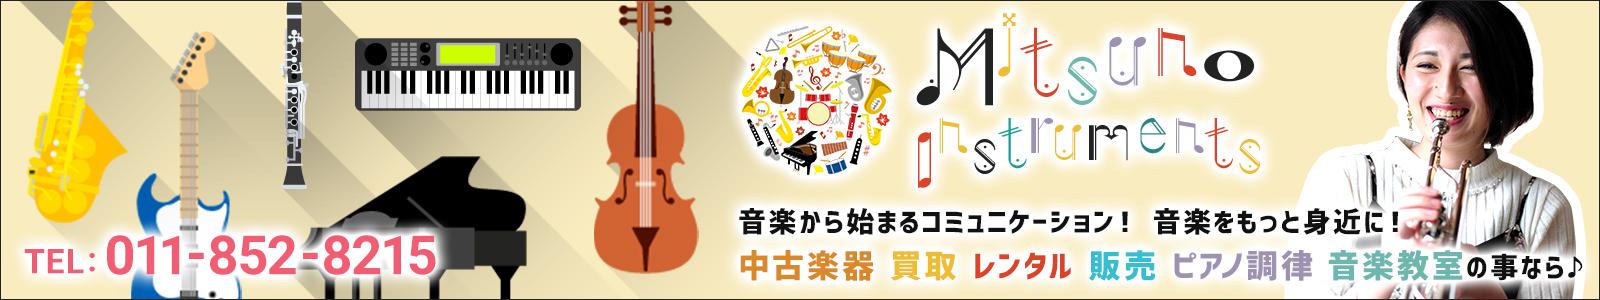 全国対応 楽器買取・販売・音楽教室 / ミツノ公式ブログ